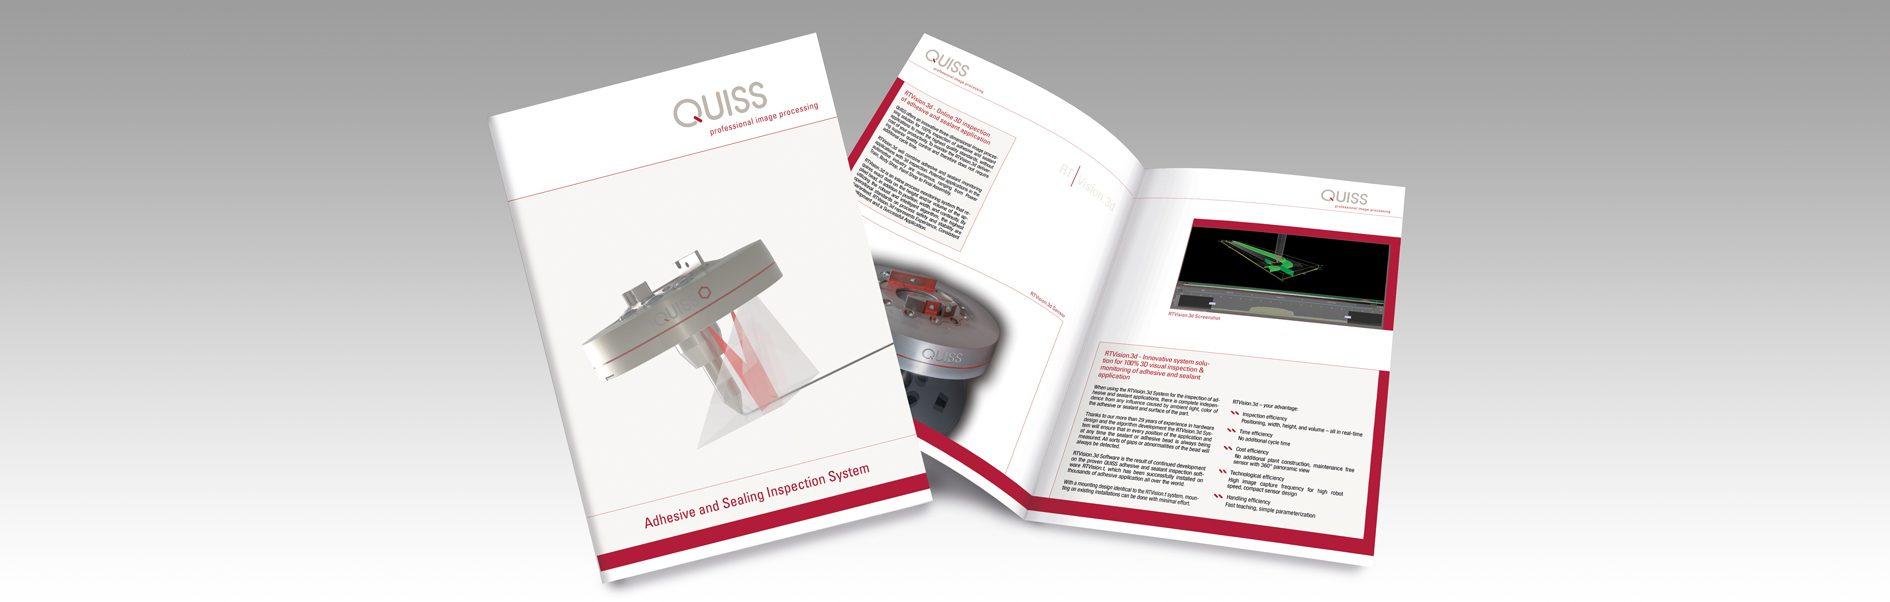 Hier ist der 4-Seiter von Quiss abgebildet.